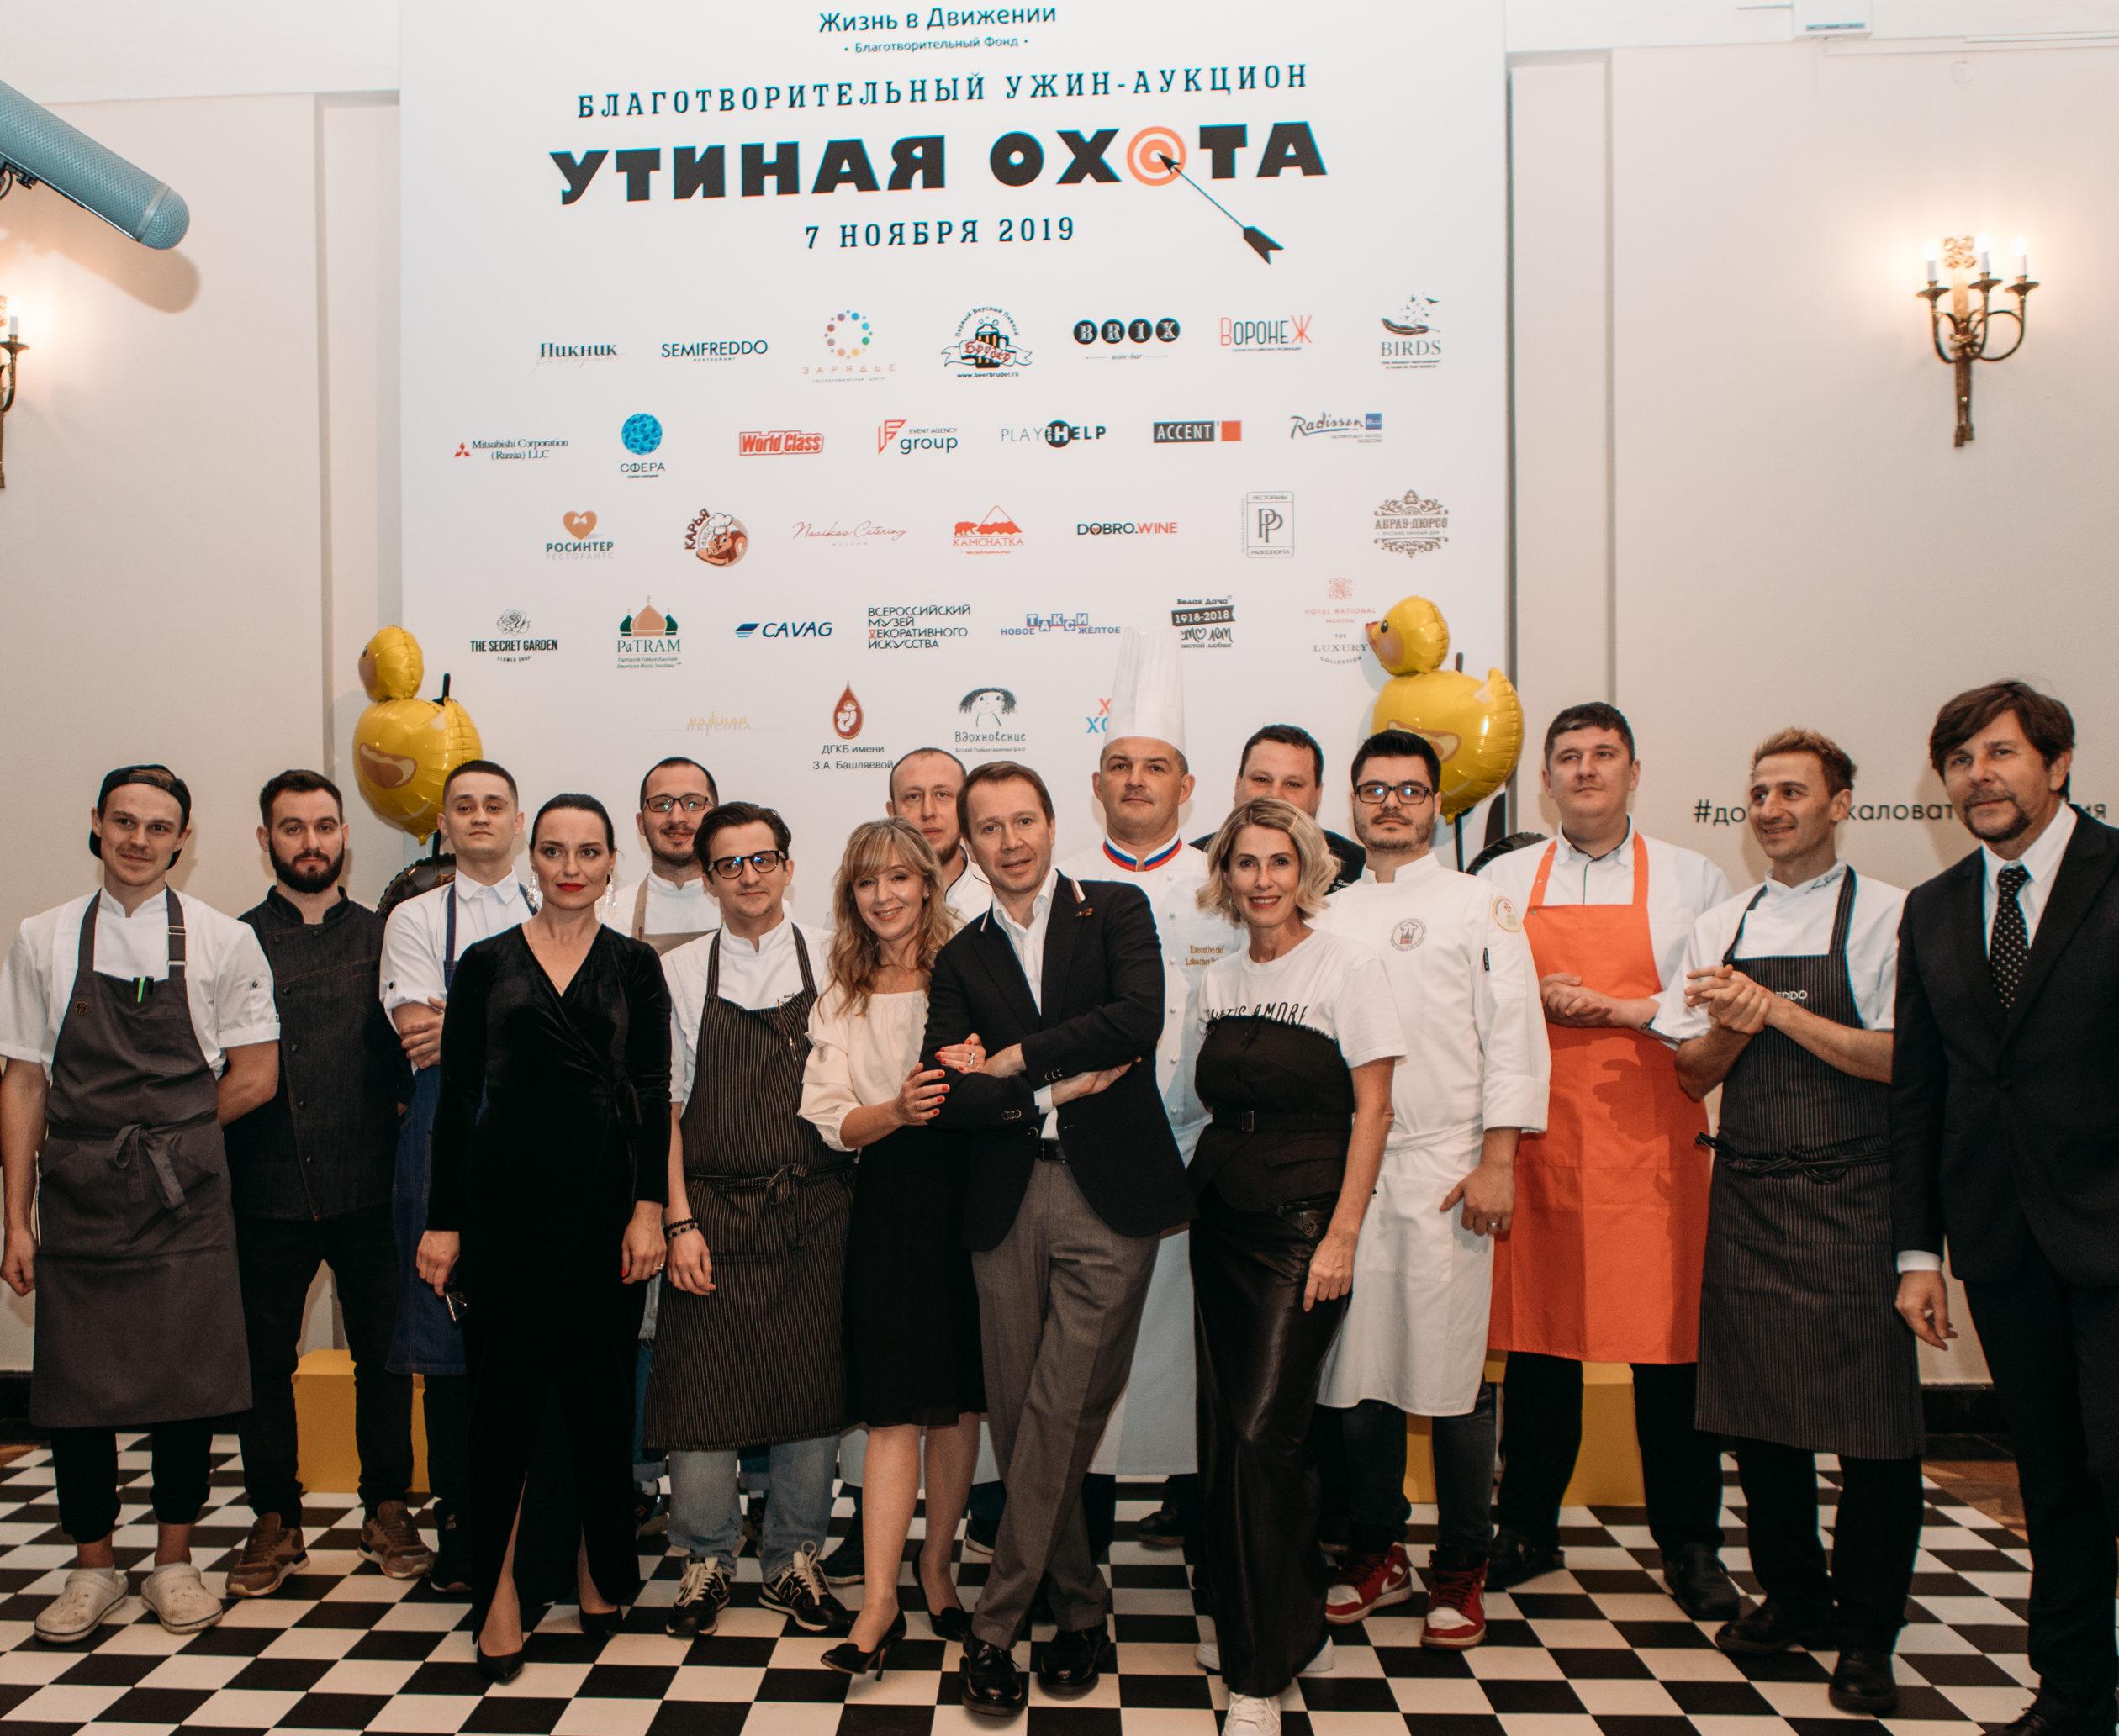 Благотворительный ужин-аукцион «Утиная охота» собрал 6,7 млн. рублей на программу «Хочу Ходить»